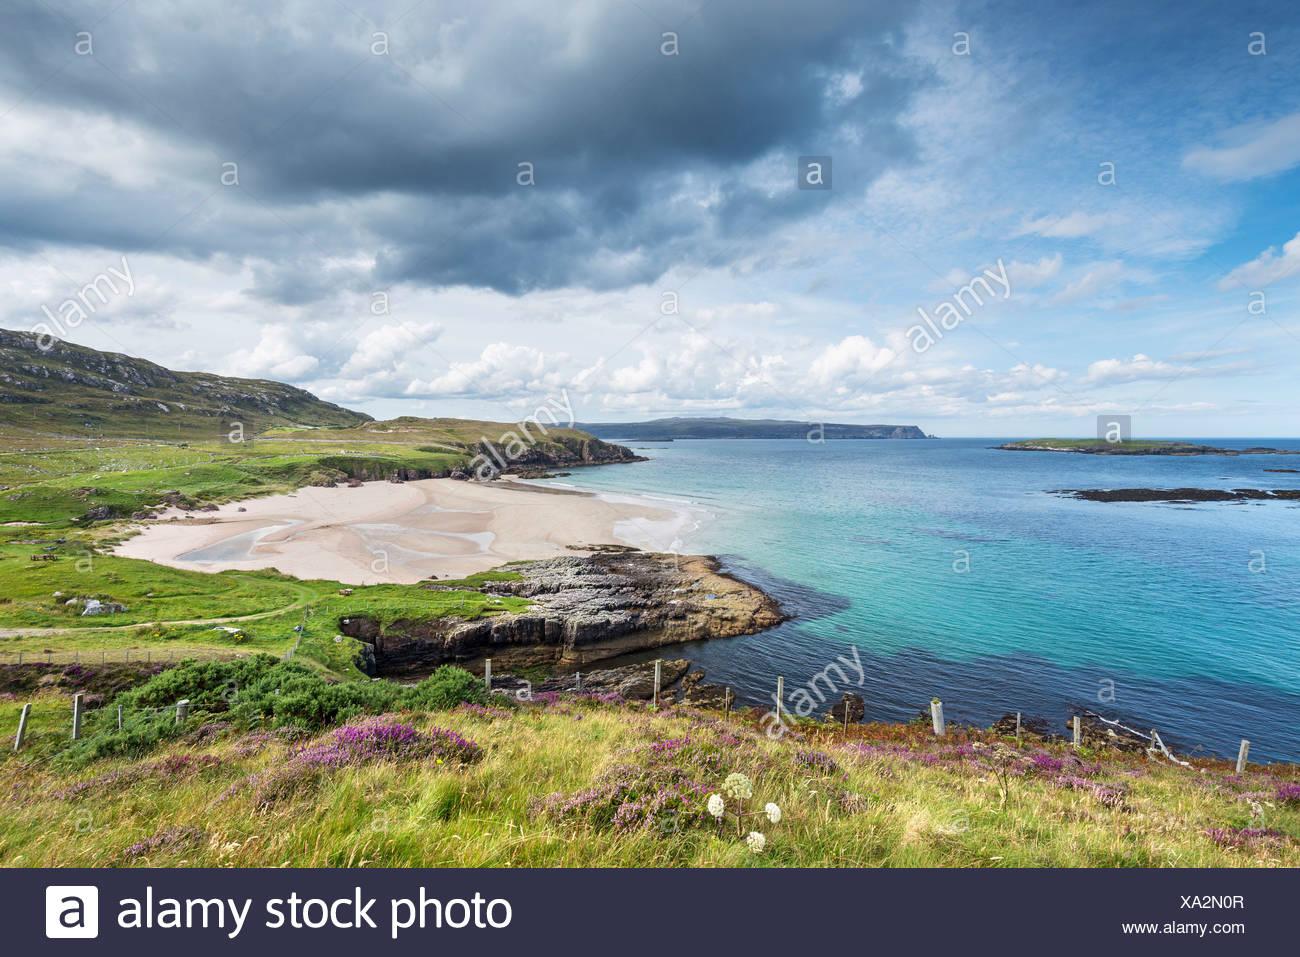 Coastal landscape with Sangobeg Beach, Durness, Sutherland County, Highland, Scotland, United Kingdom Stock Photo